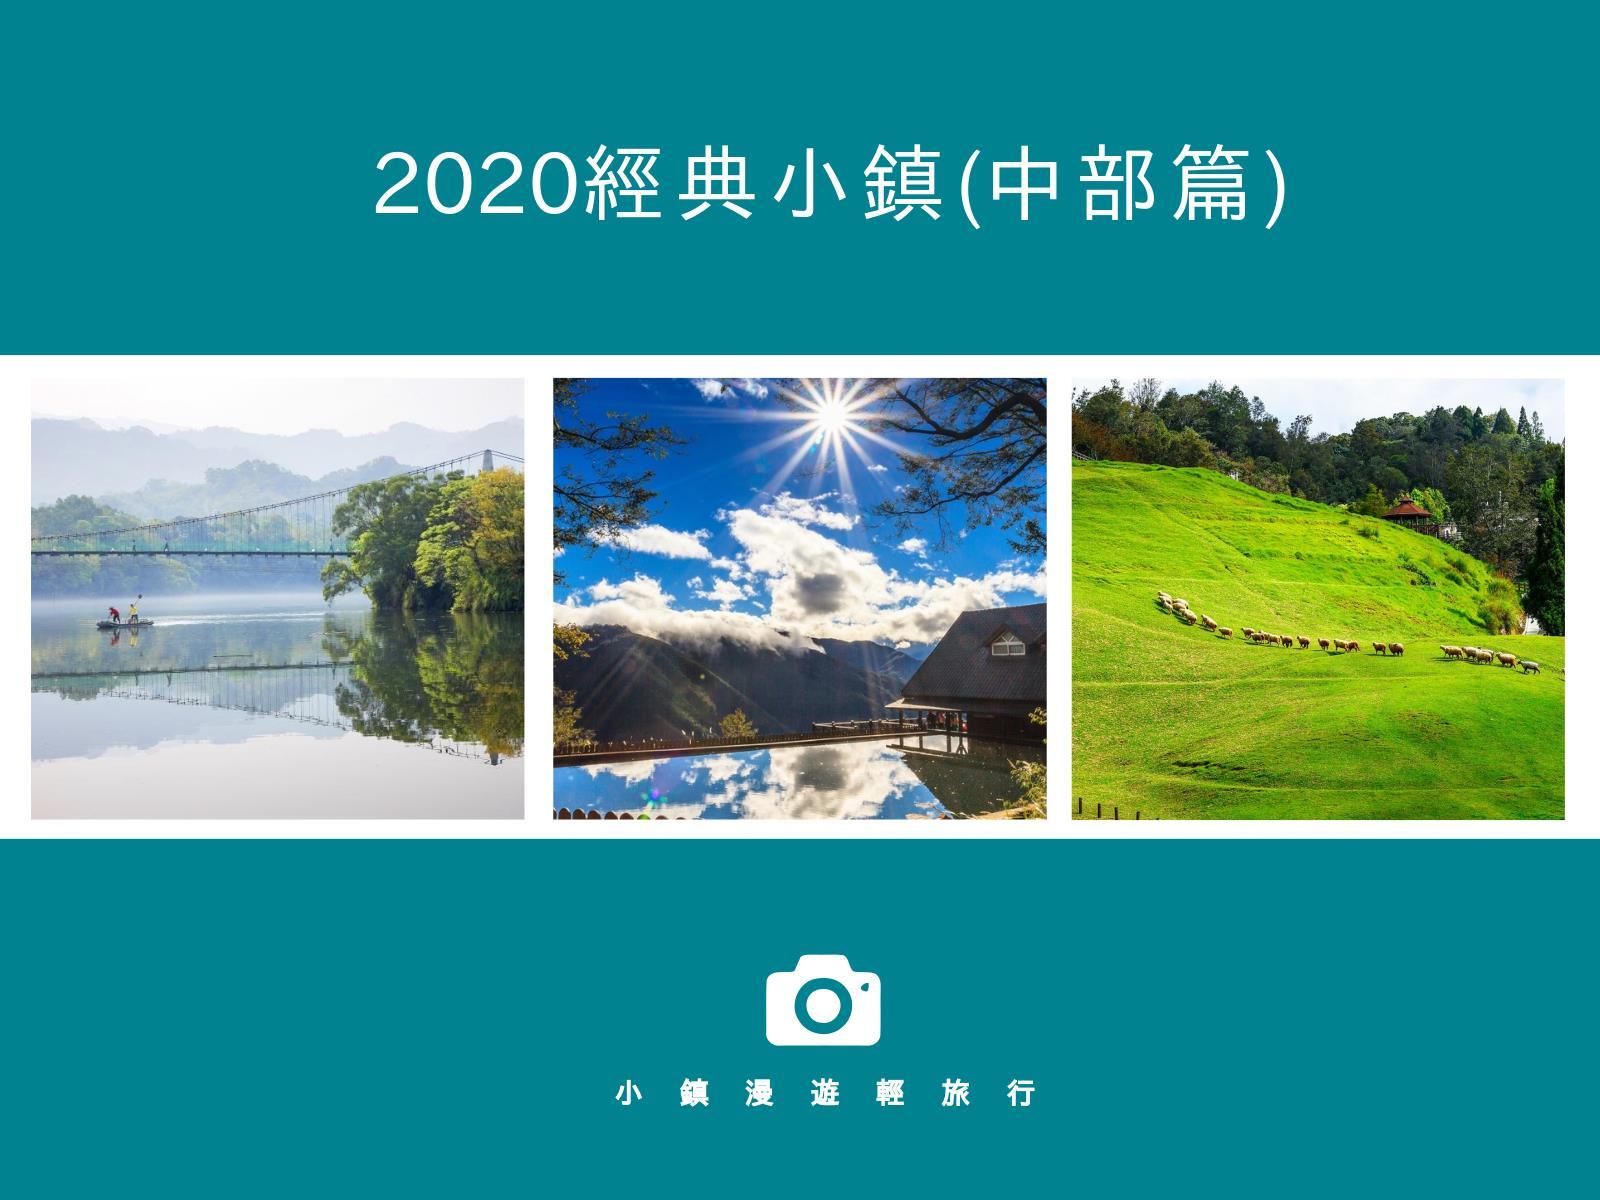 2020經典小鎮中部篇,出發小鎮走春趣!